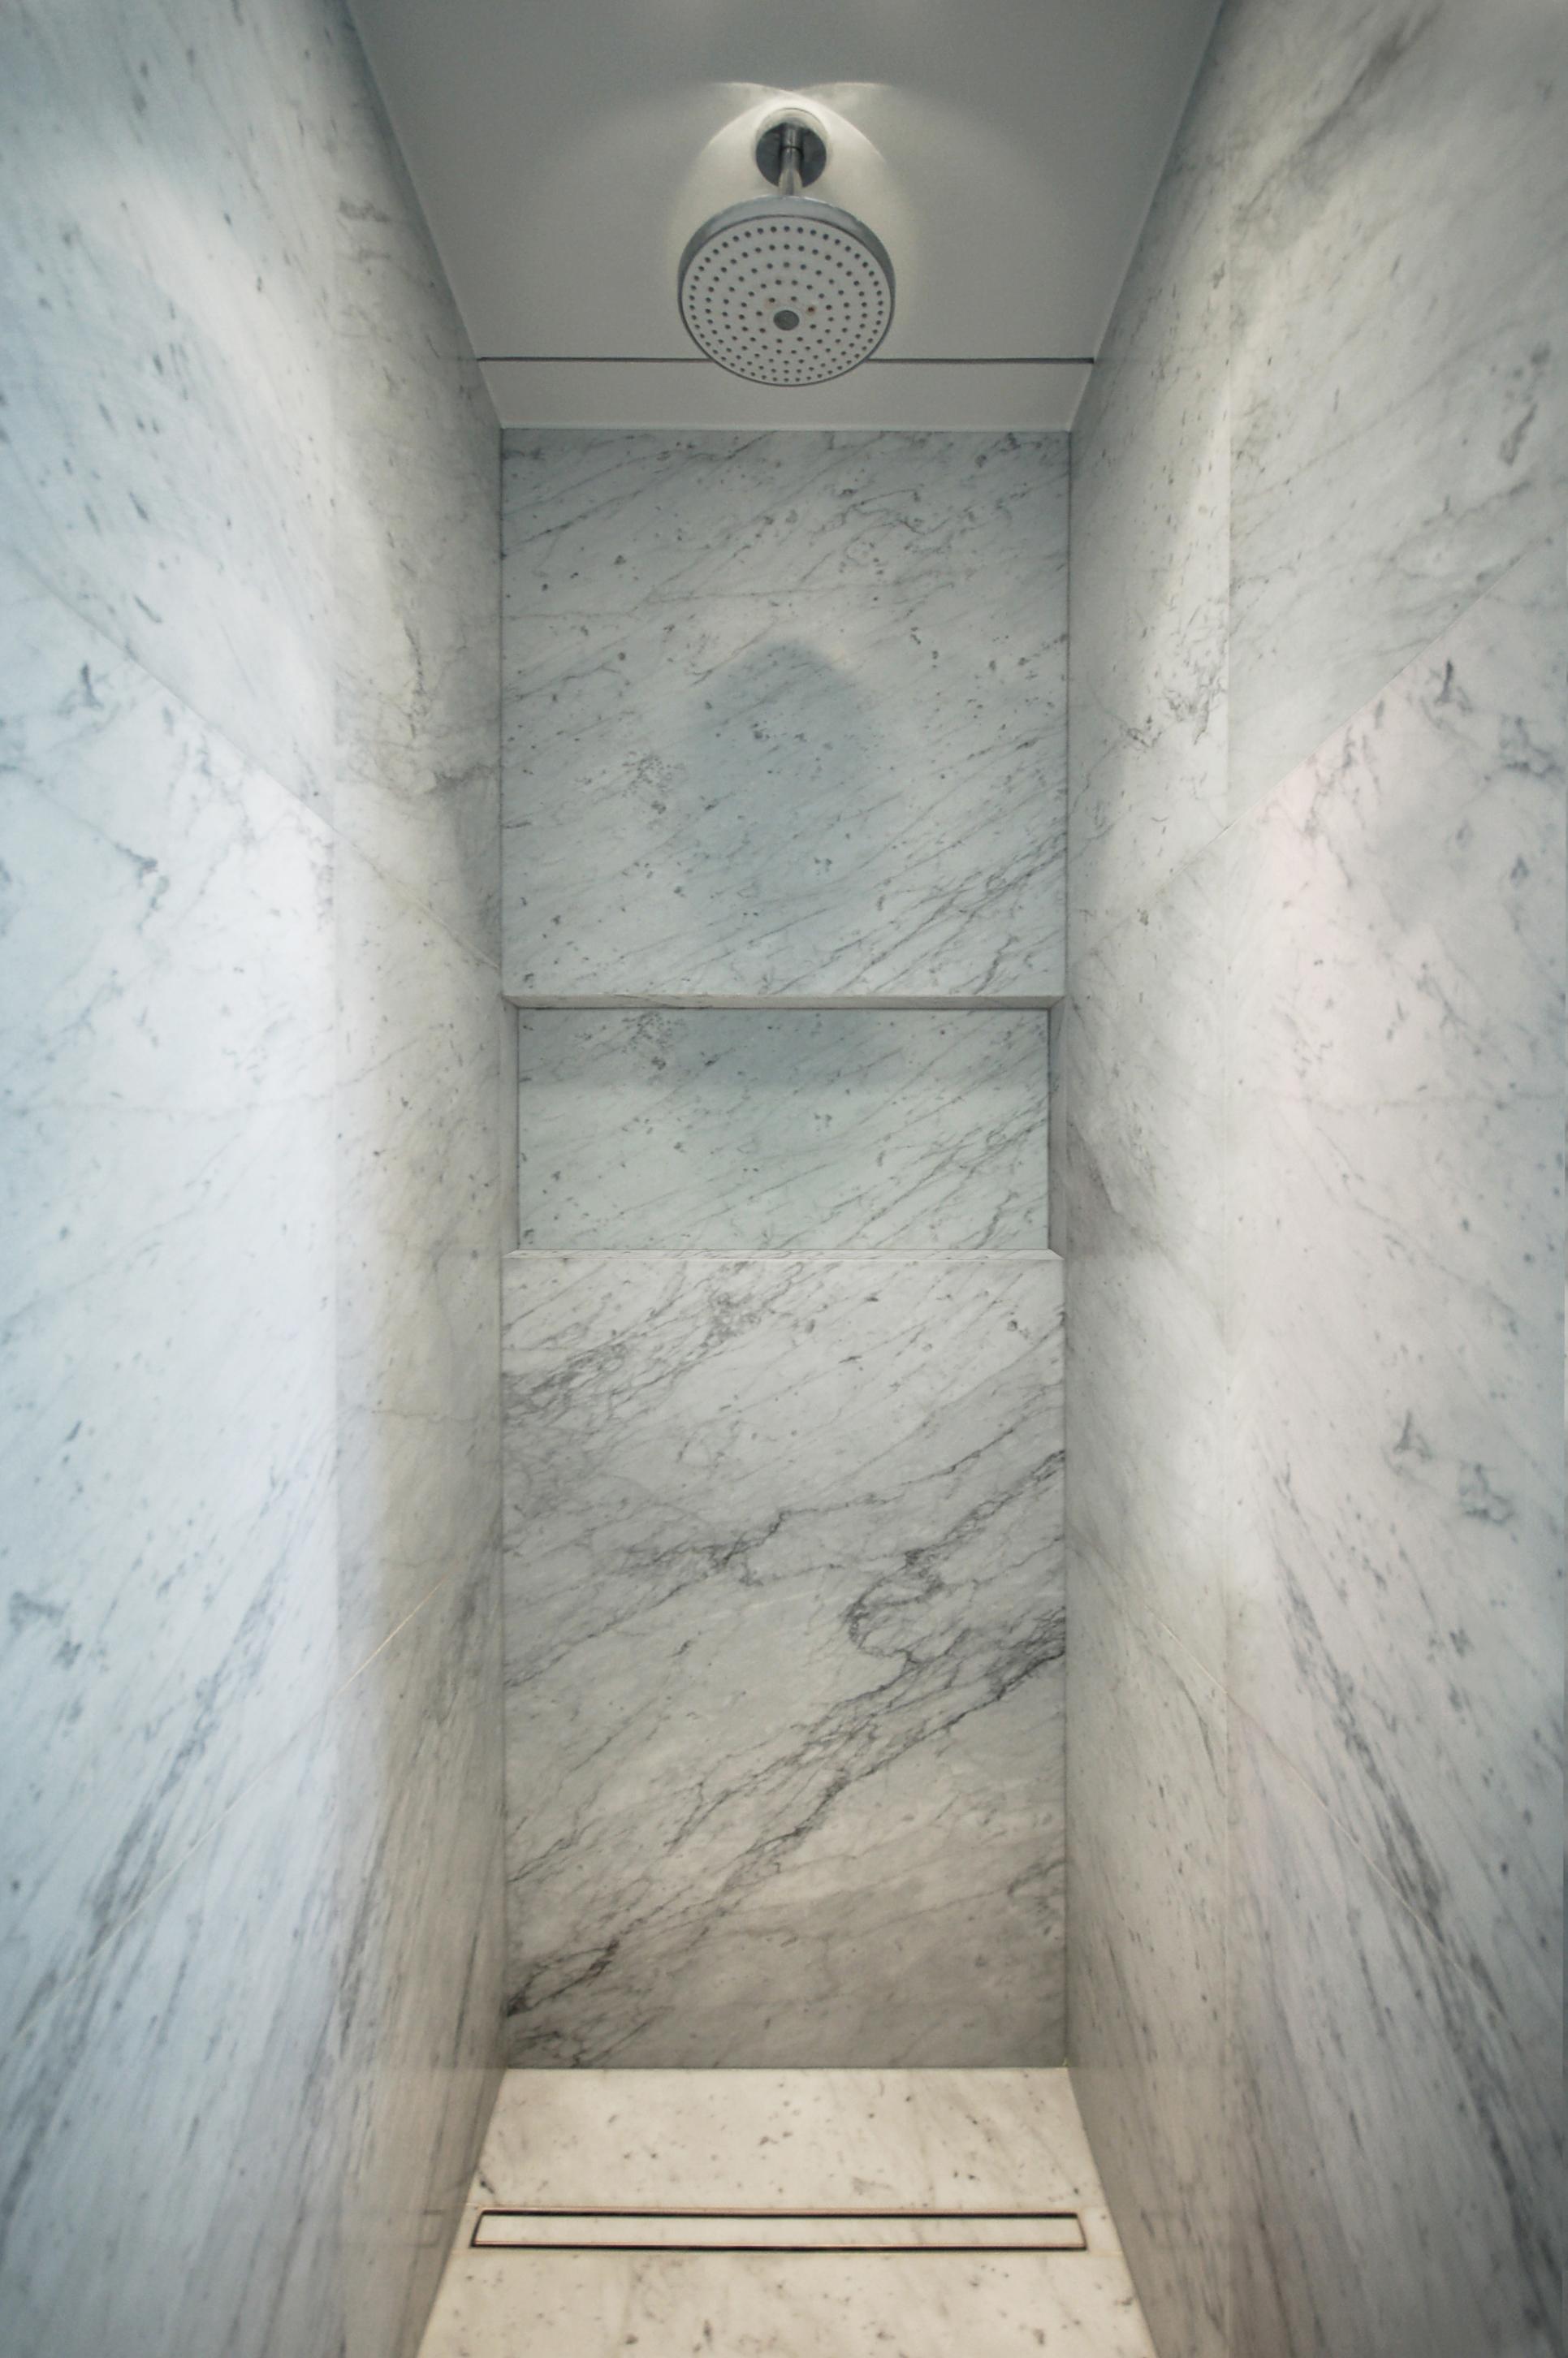 demeestervliegen-architecture-interior-interiorarchitecture-office31.jpg